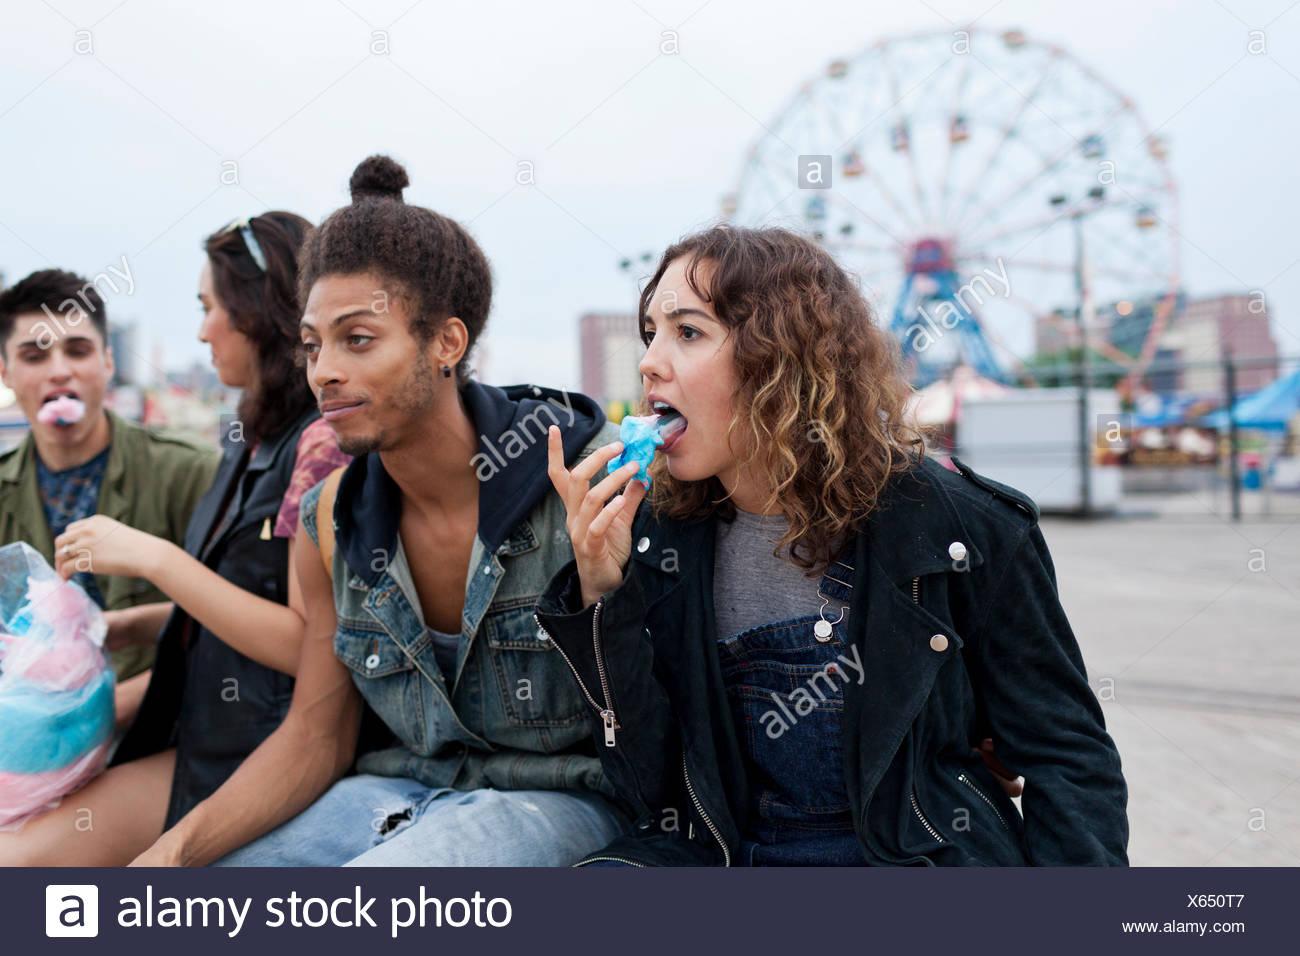 Friends eating Cotton Candy dans un parc d'attractions Photo Stock